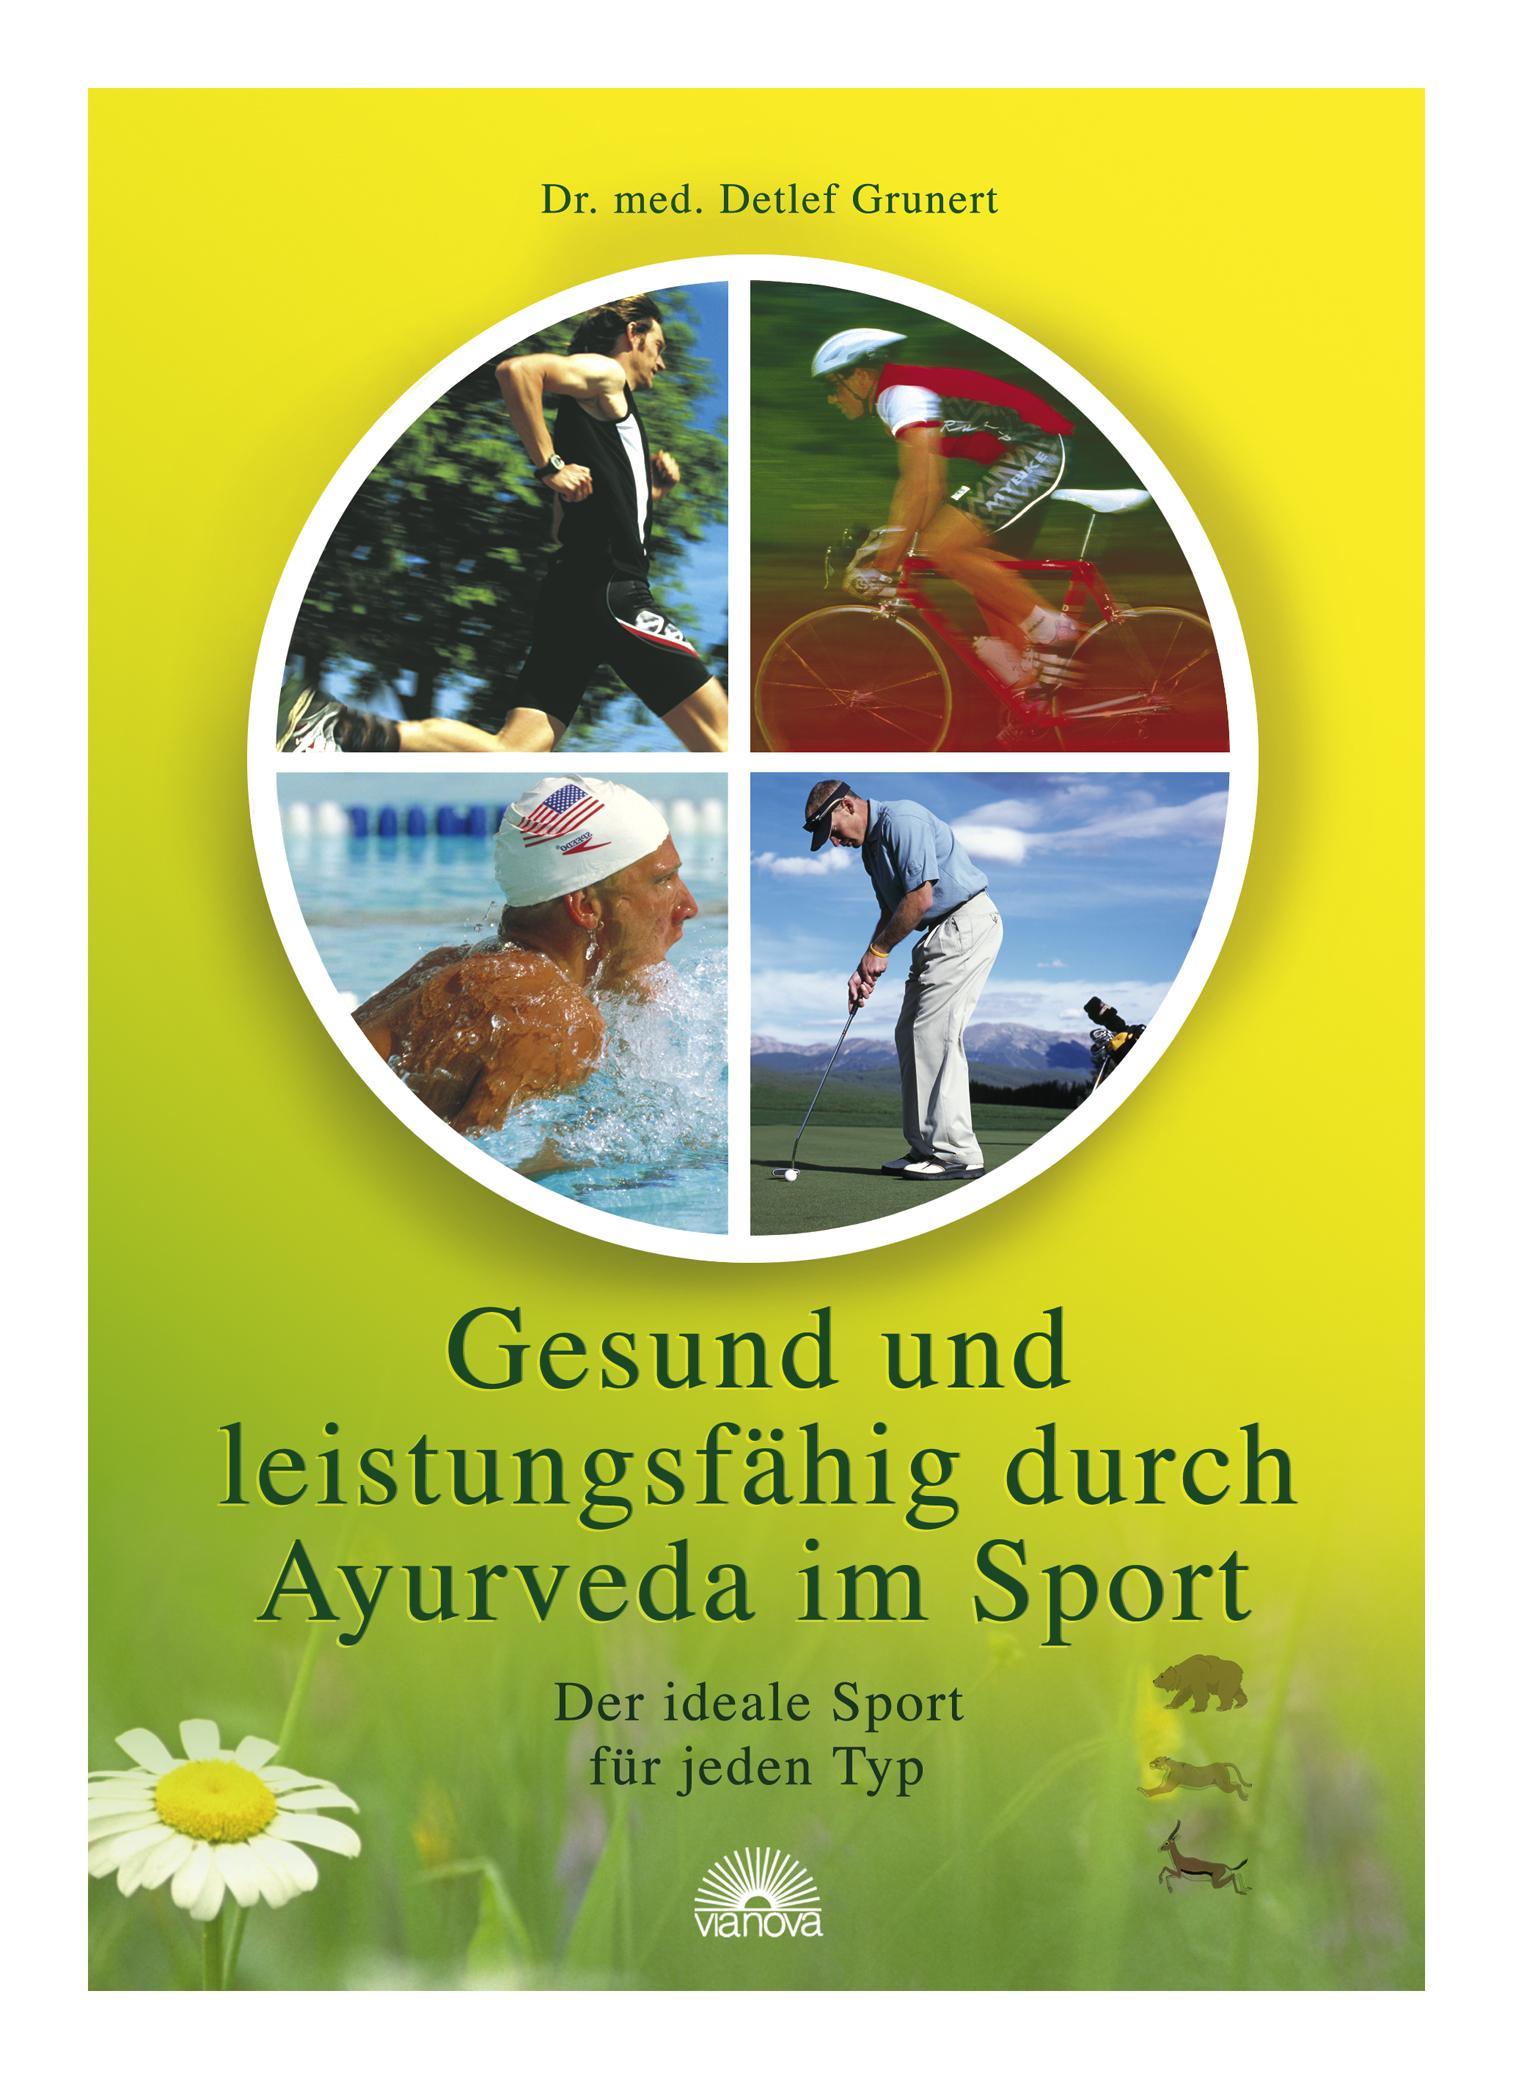 Gesund und leistungsfähig durch Ayurveda im Sport Detlef Grunert